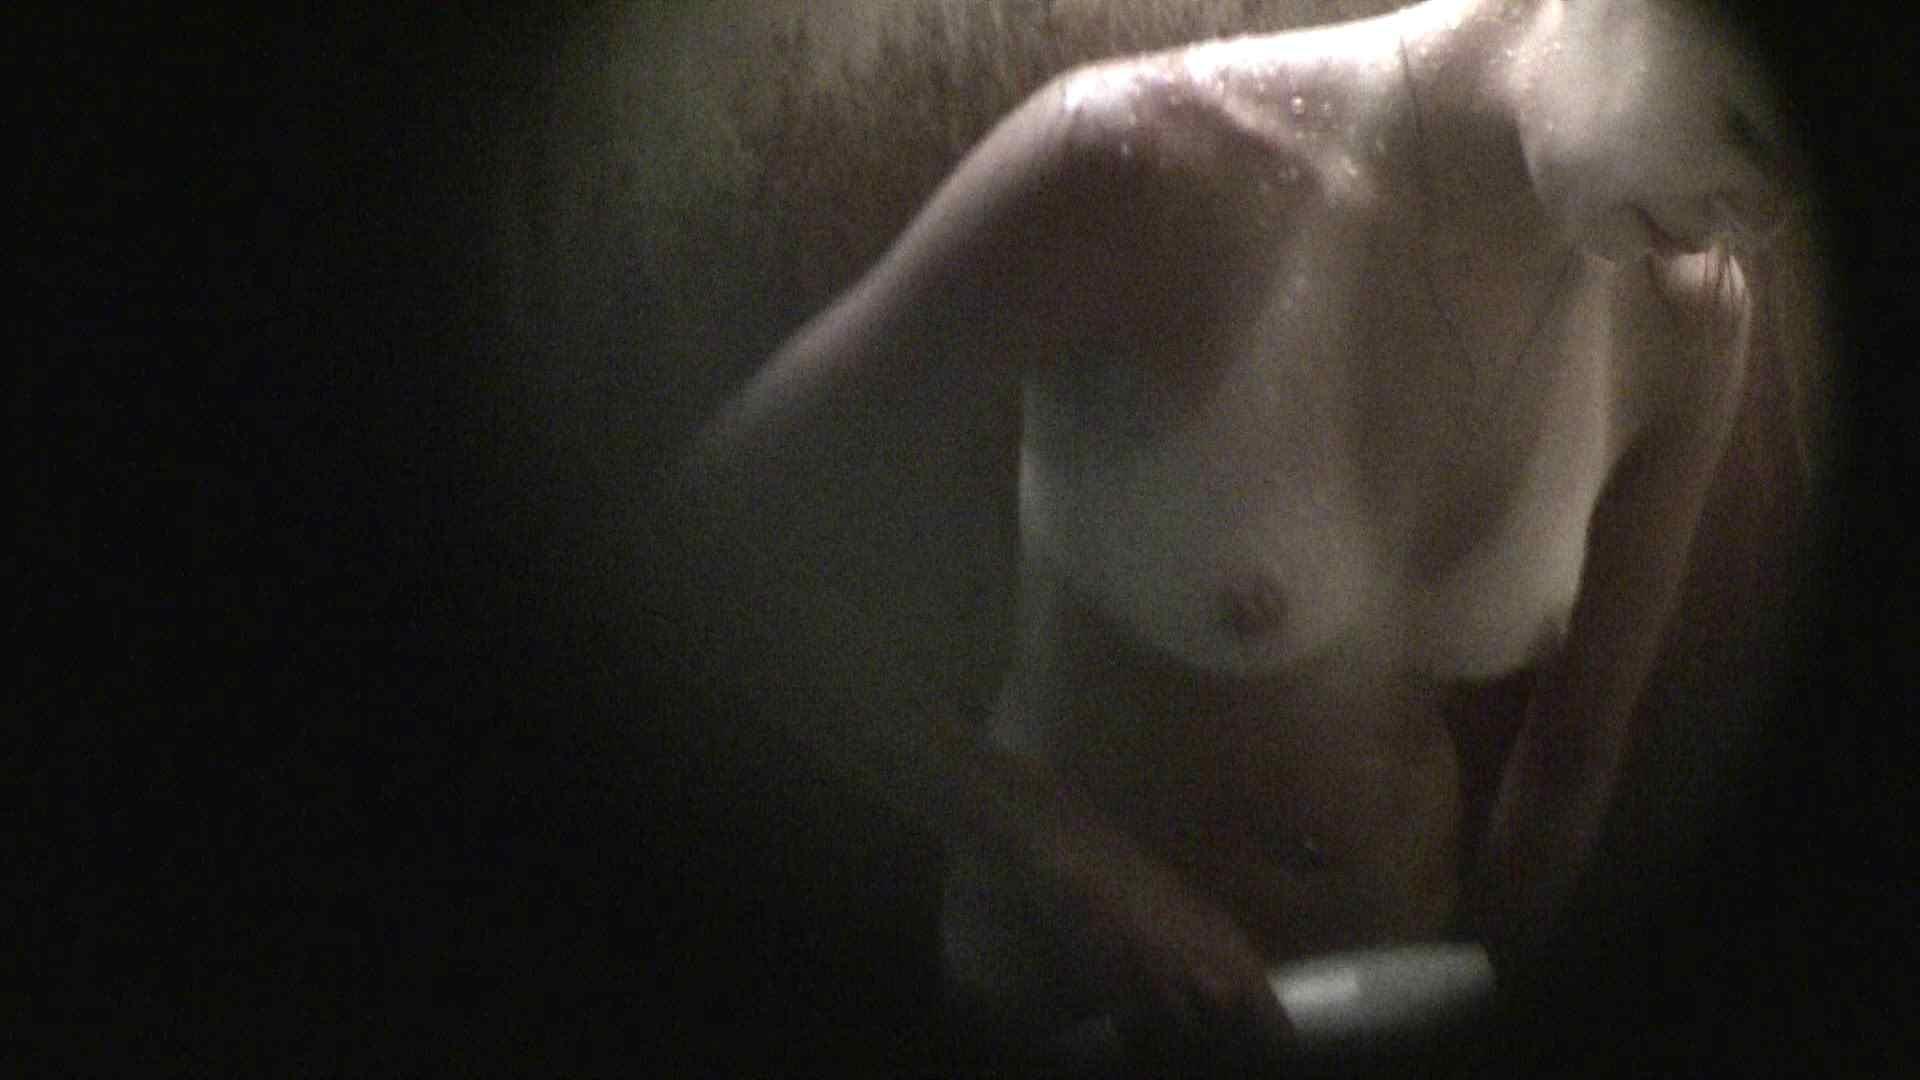 セックスアダルト動画 NO.02 見事に日焼けした年齢不詳のお女市さん 怪盗ジョーカー